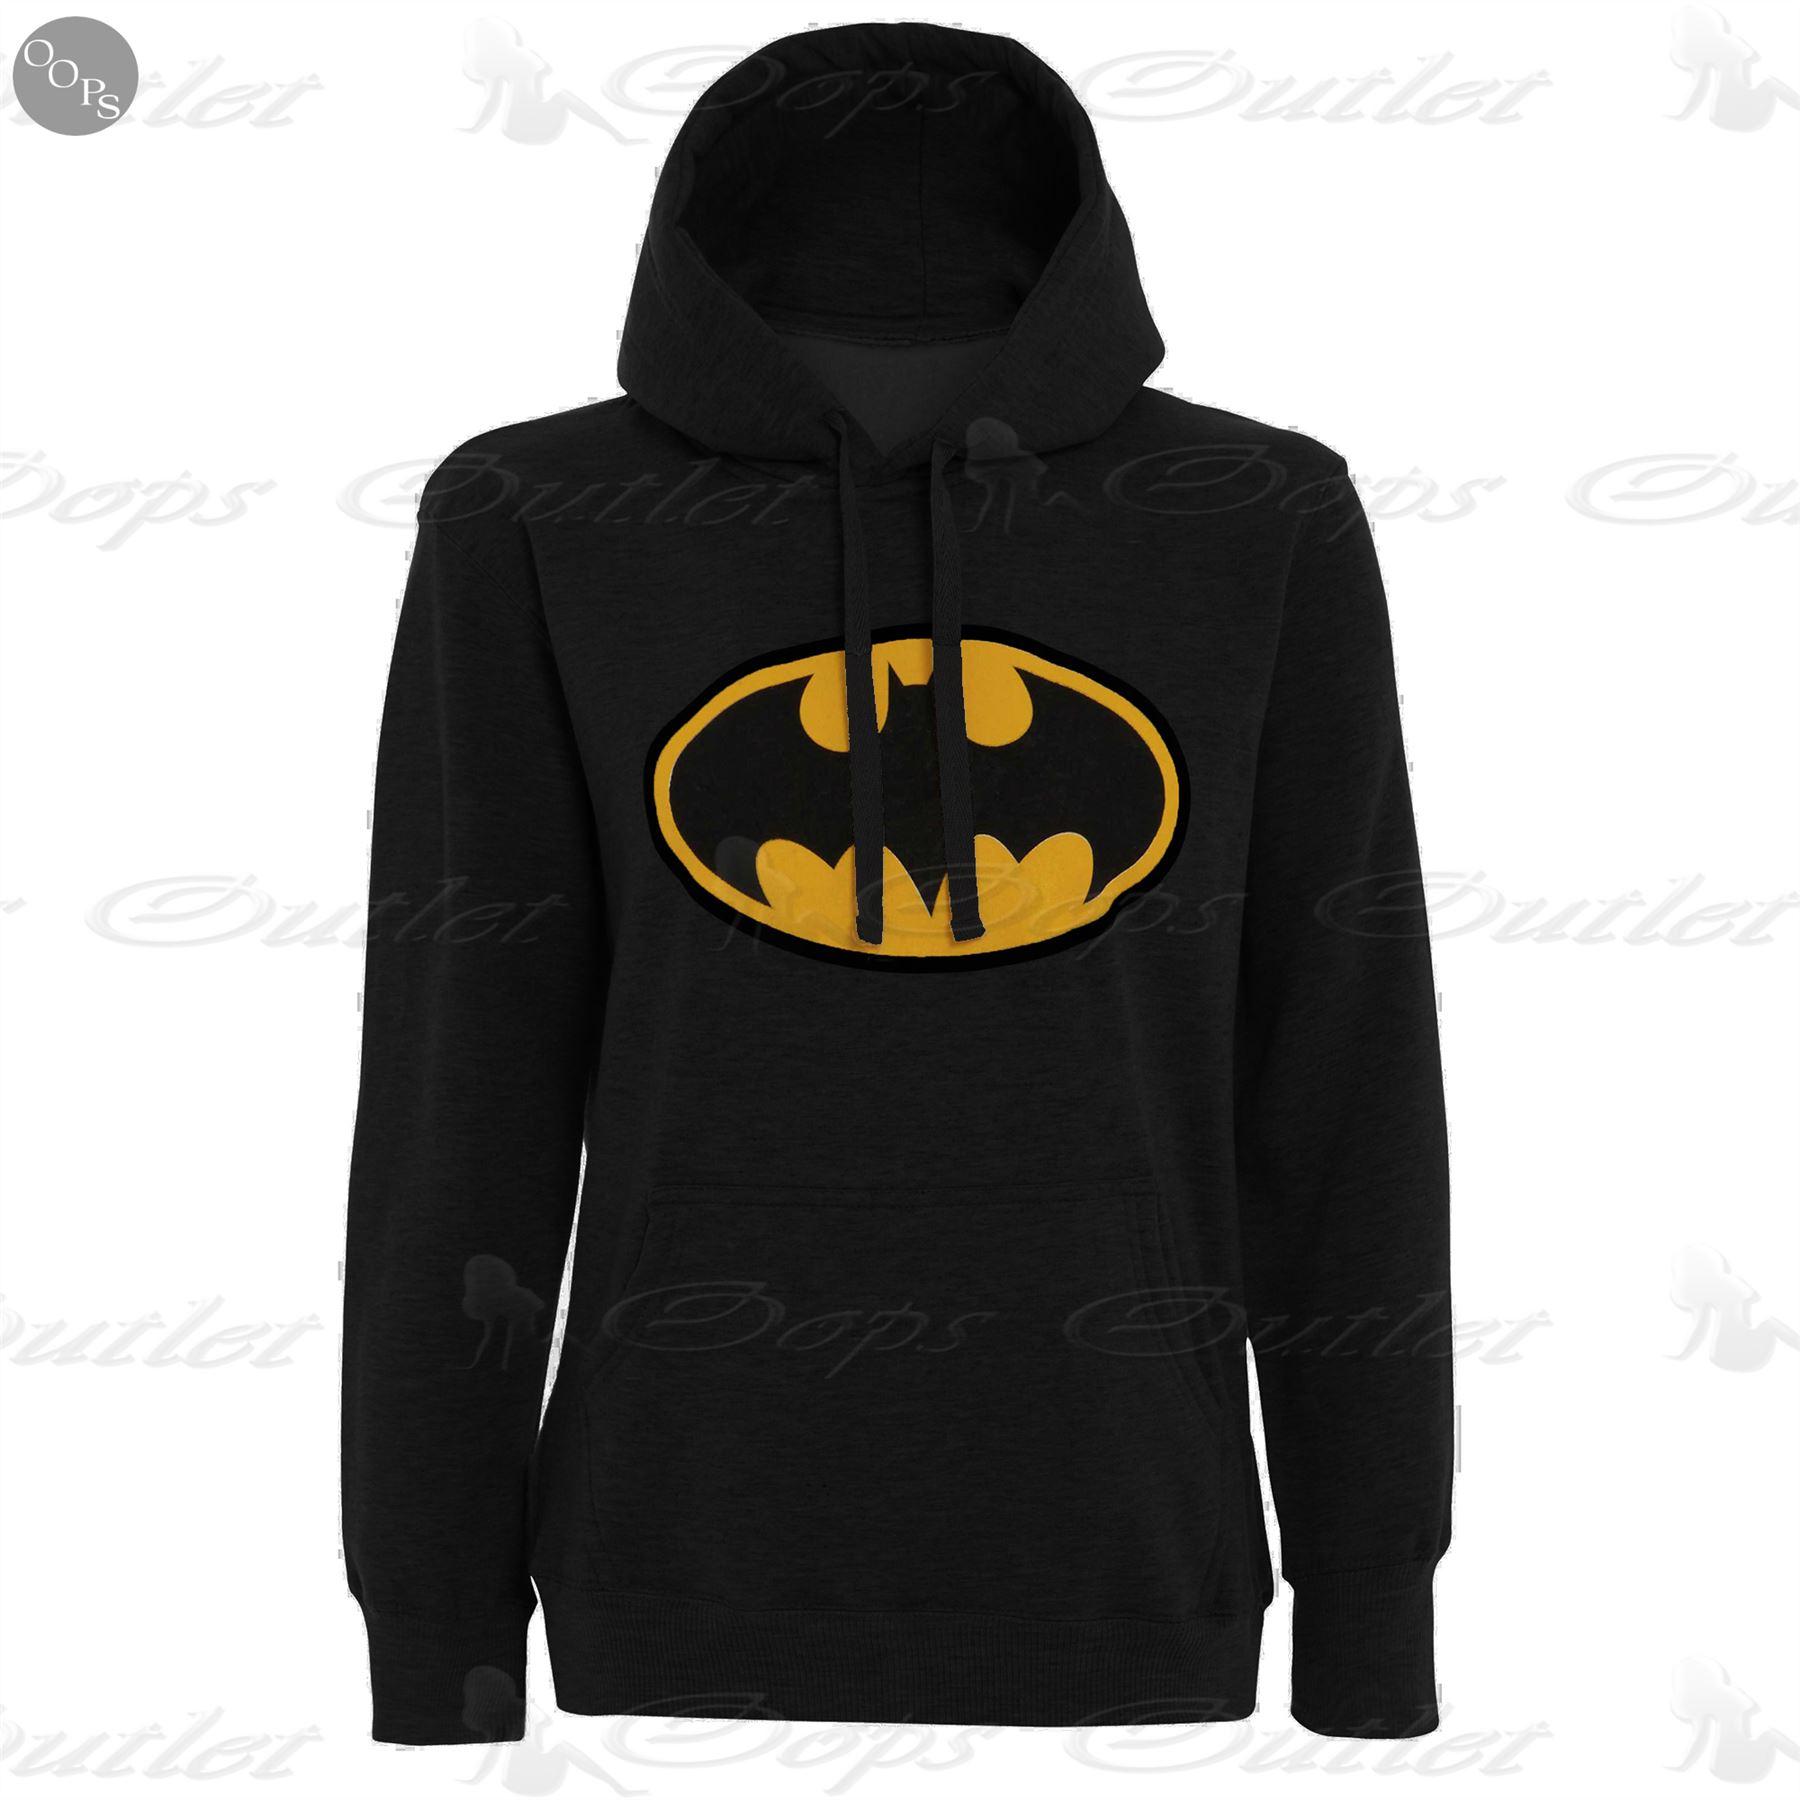 Womens Ladies Fleece Baggy Sweatshirt Hoodie Jacket Hood Jumper Hoody Top